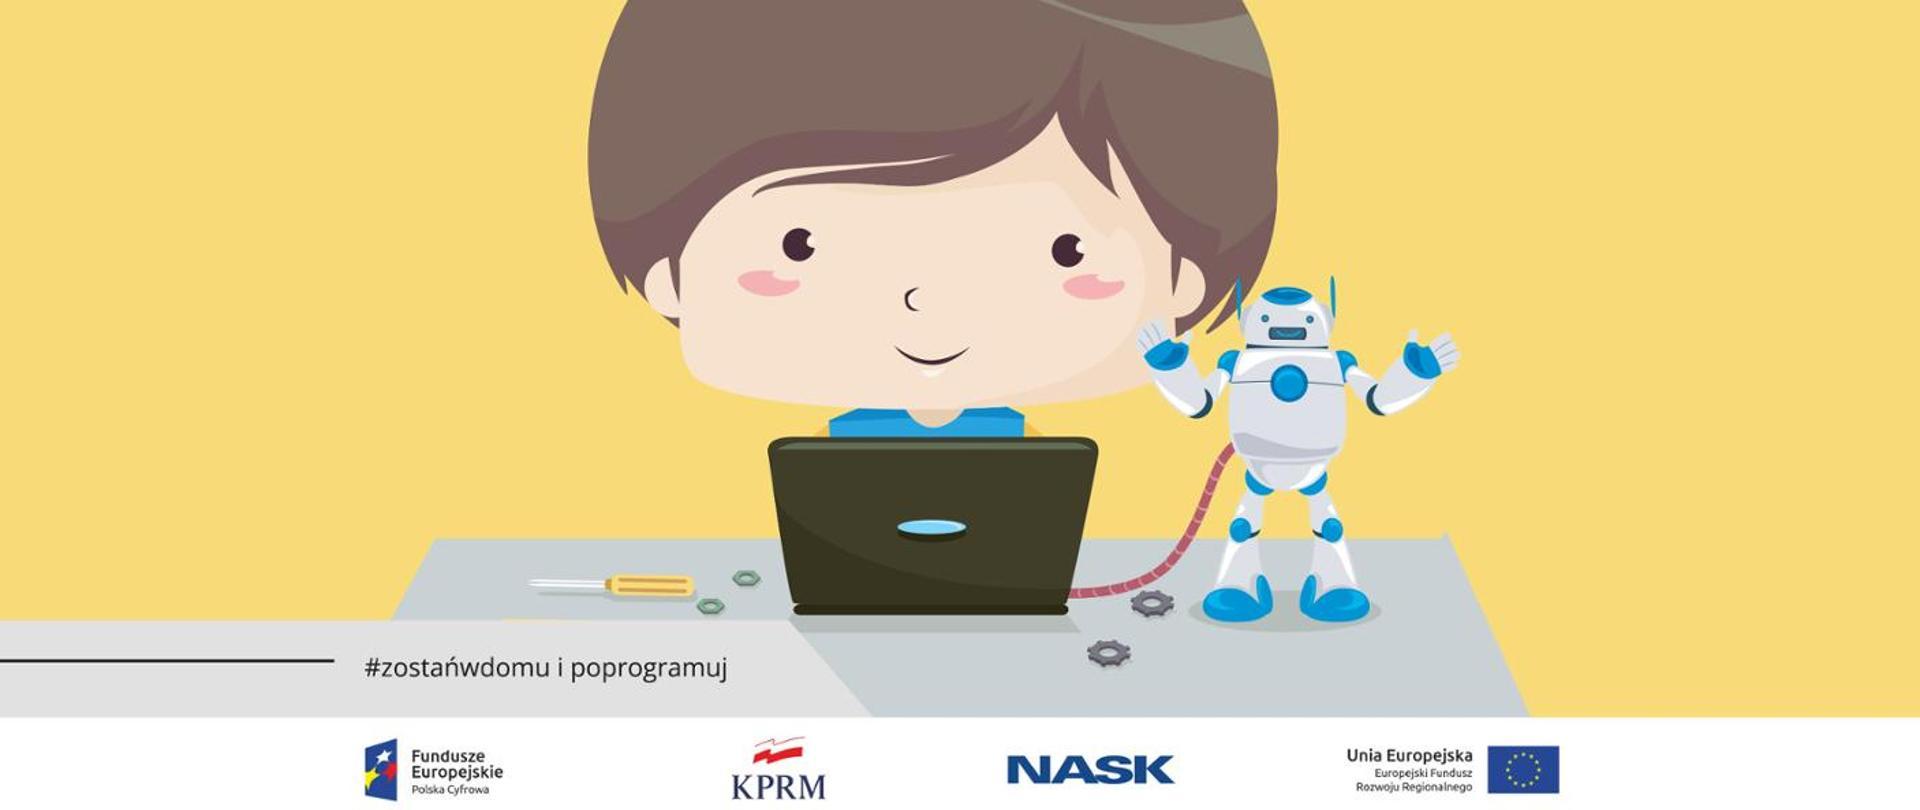 """Kolorowa grafika z ilustracją chłopca z laptopem i robotem. Na dole po lewo tekst """"#zostańwdomu i programuj"""""""